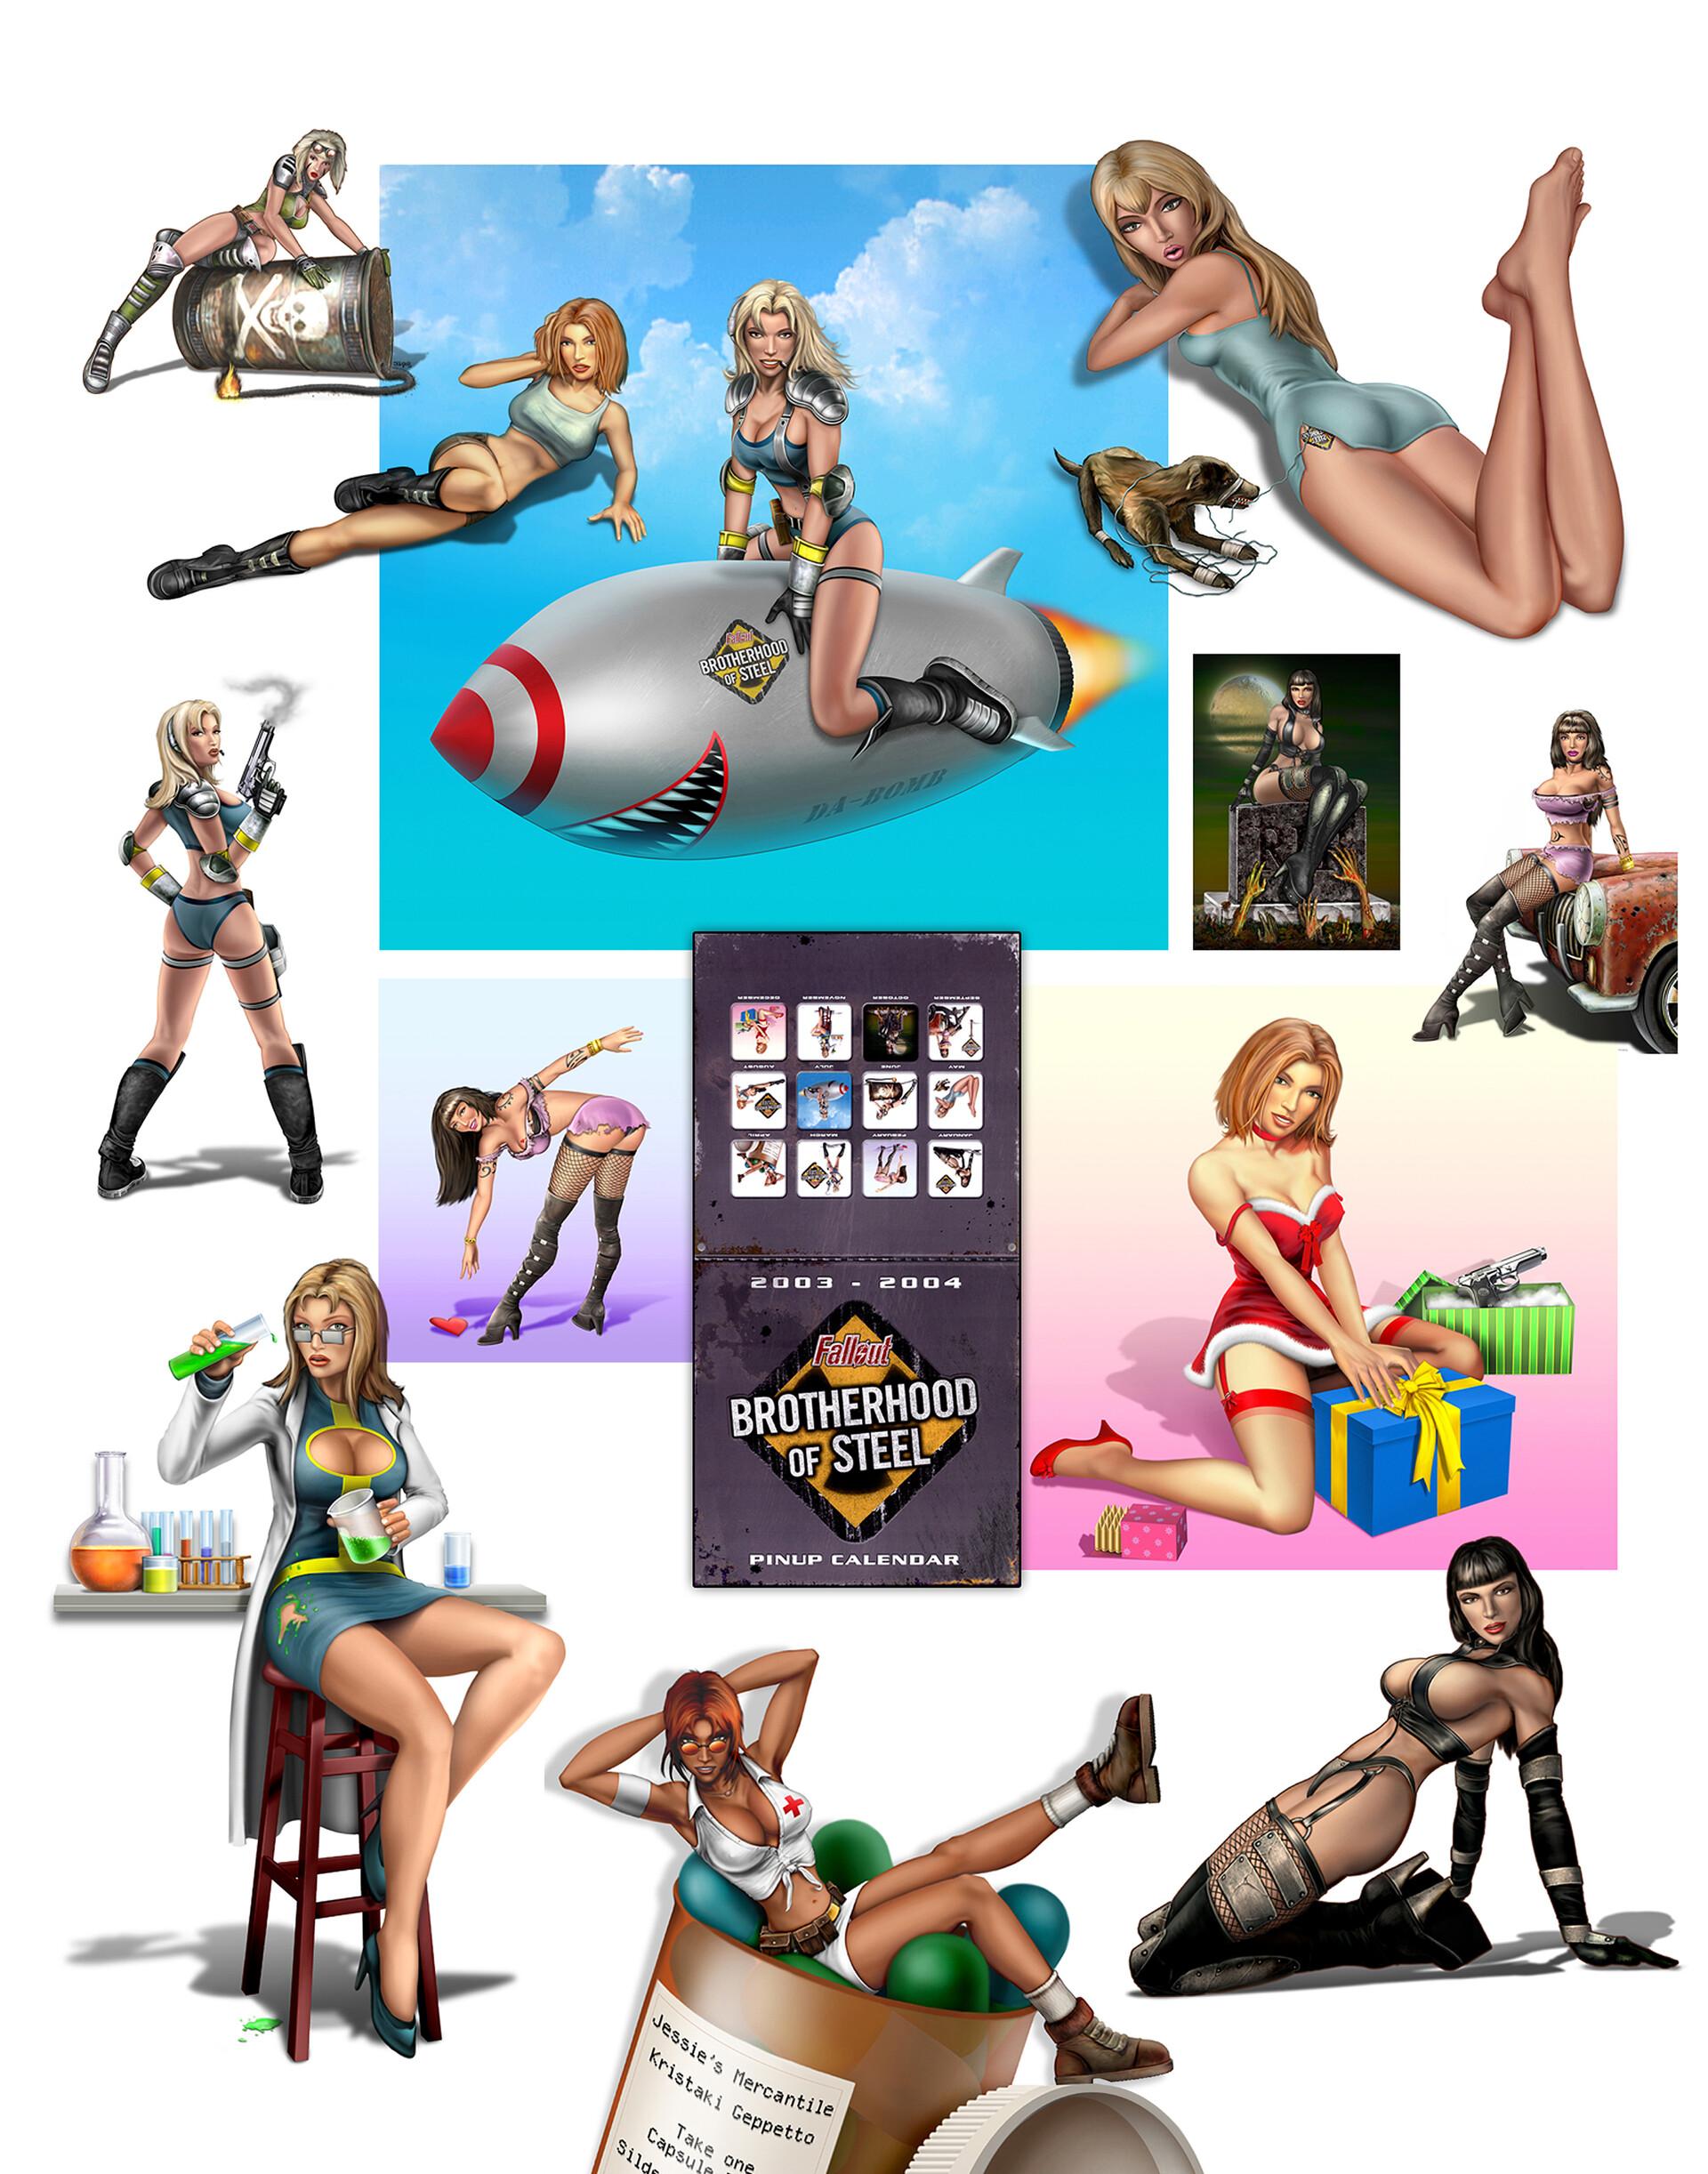 Fallout BOS  promotional 2003 - 2004  Pin-up Calendar